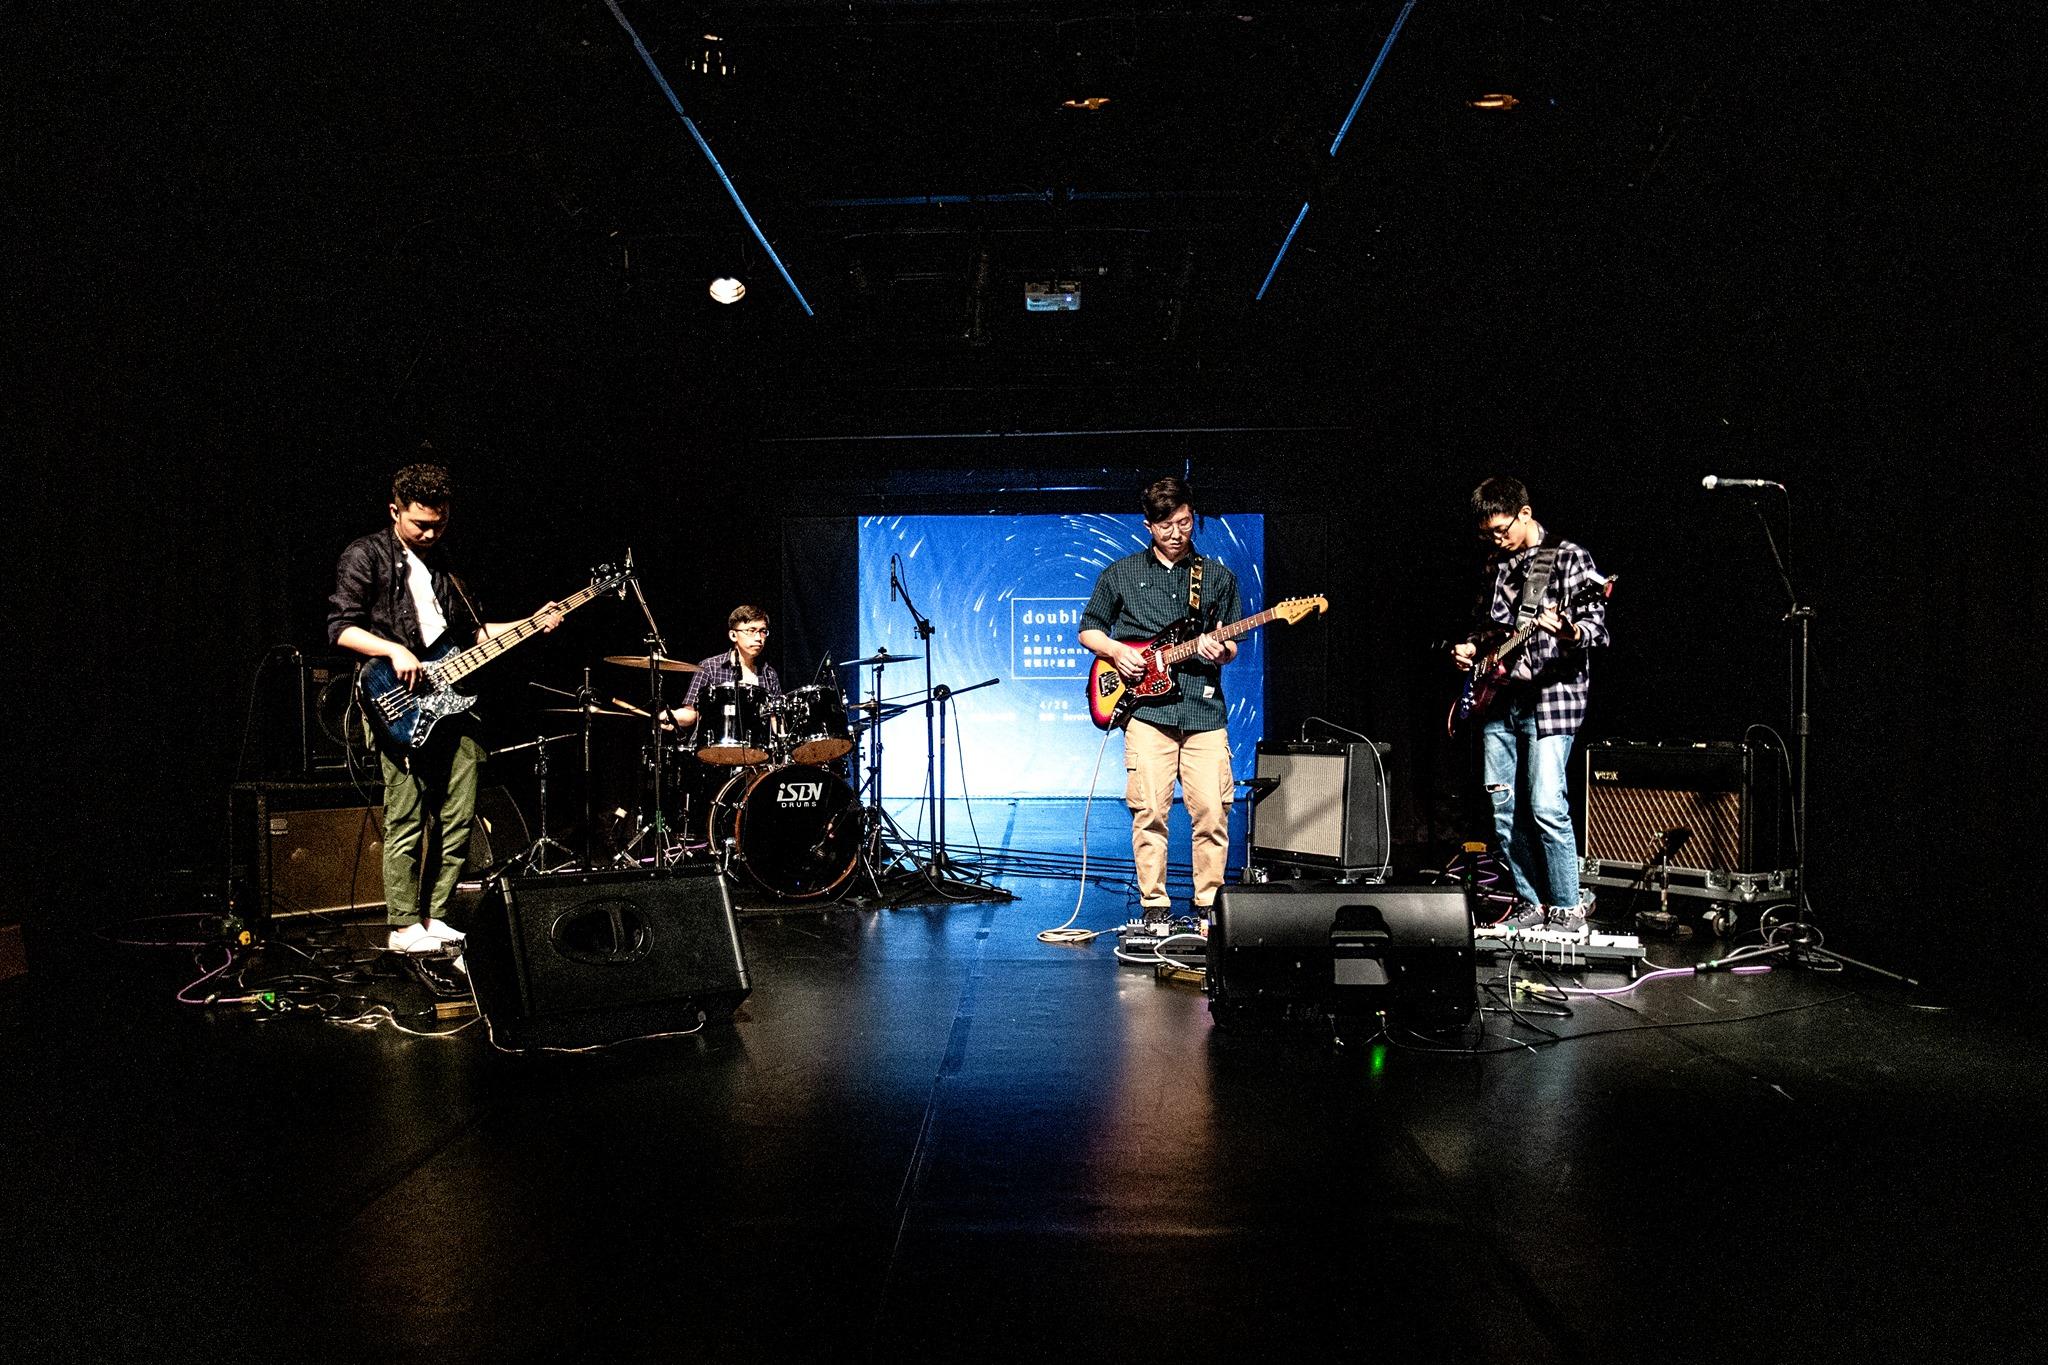 新竹後搖團 桑諾斯Somnus 將發行首張EP《double》